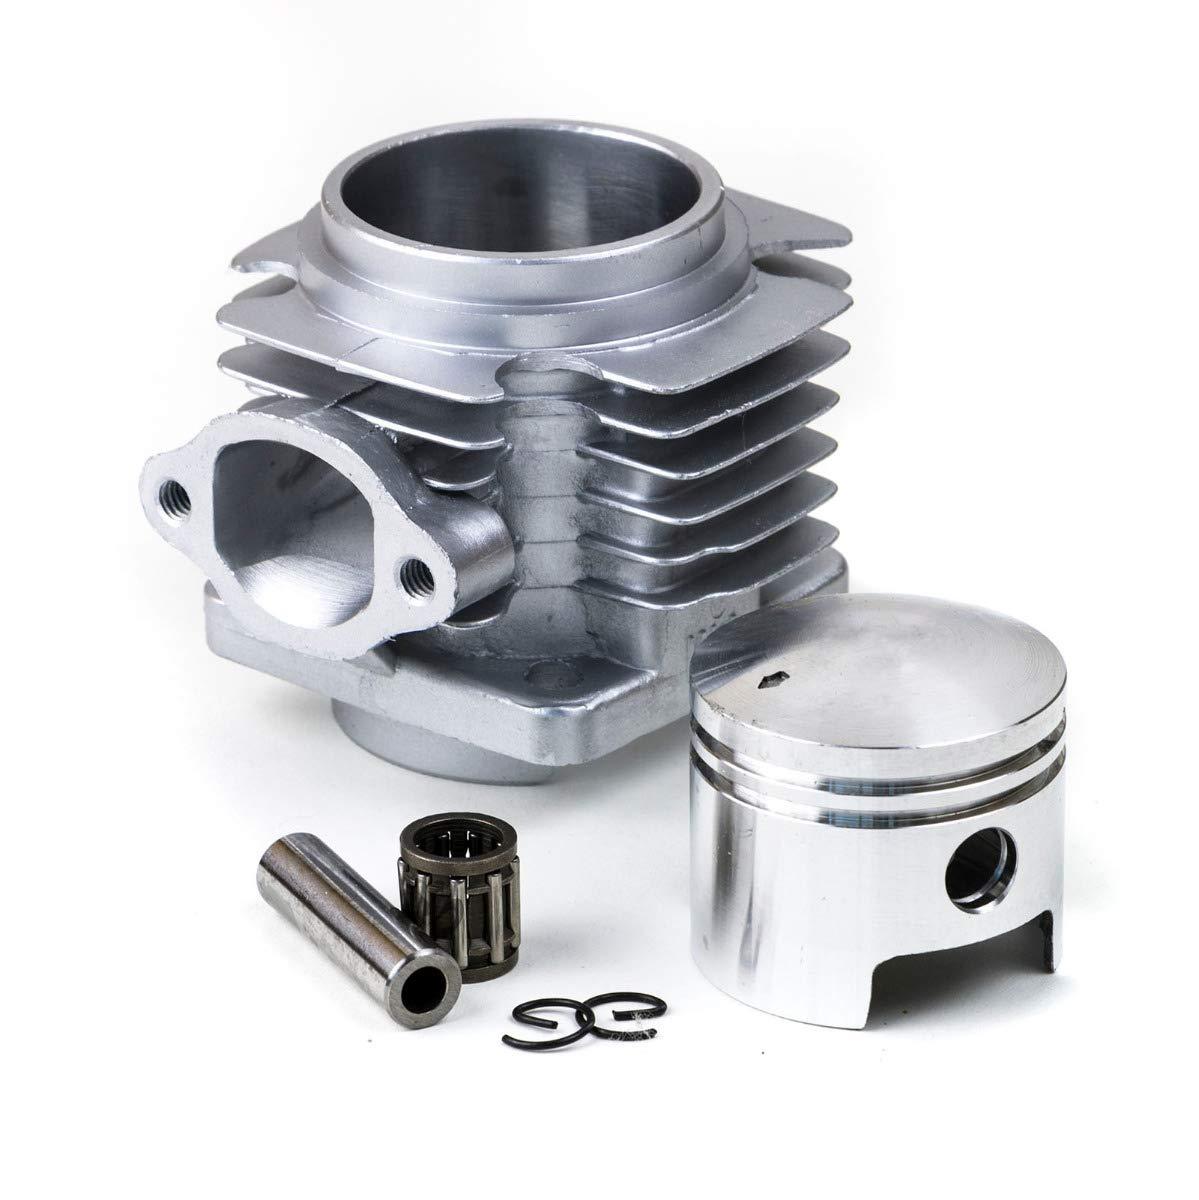 Kit Cilindro 50cc Testa CNC Scomposta per Minimoto Racing Completo ORO